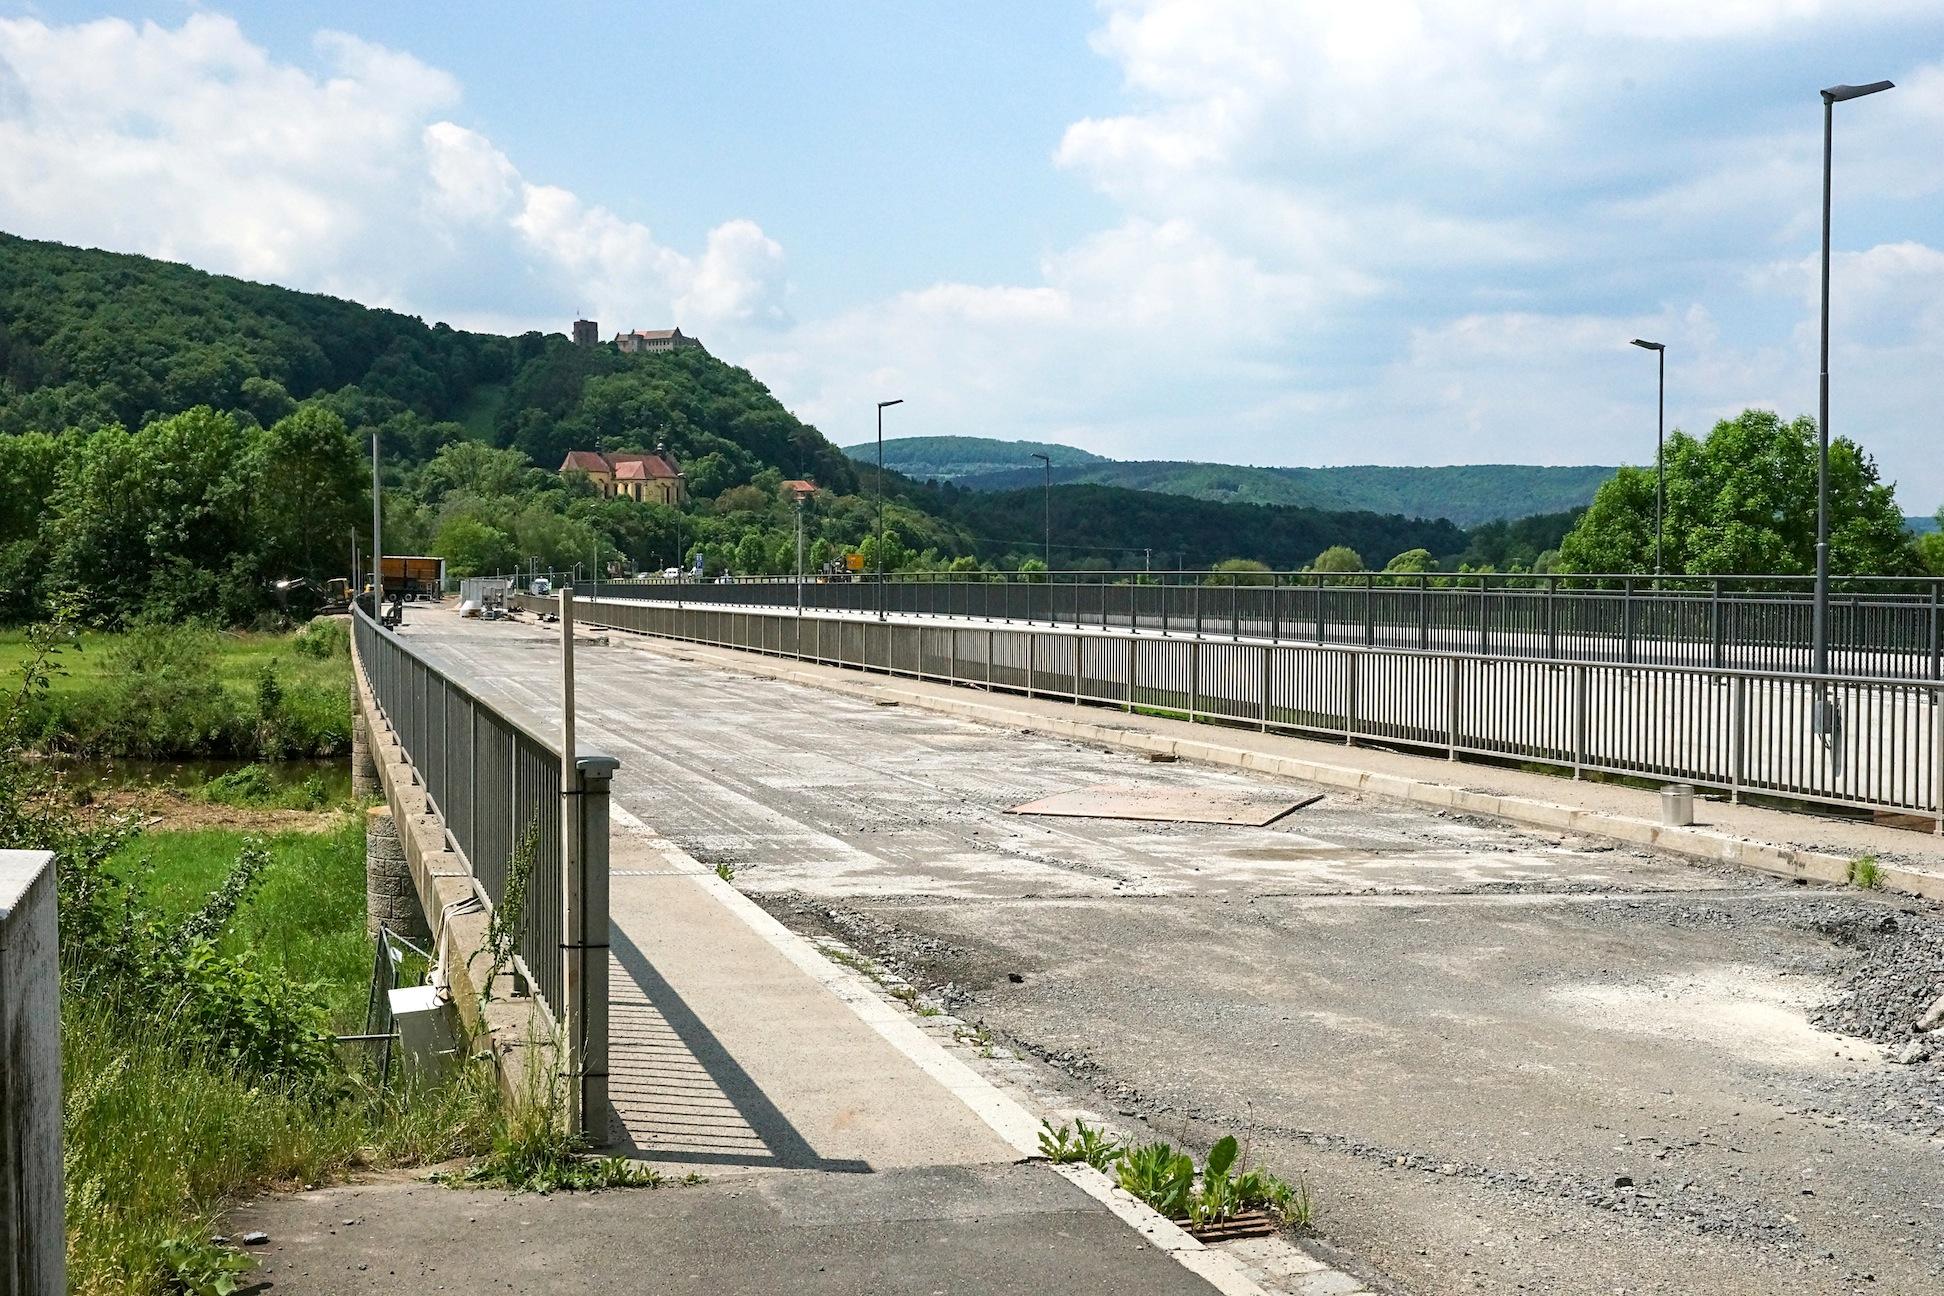 Die mehrspurige Saalebrücke in Hammelburg in Franken wurde in den 1960er Jahren gebaut und ist marode.